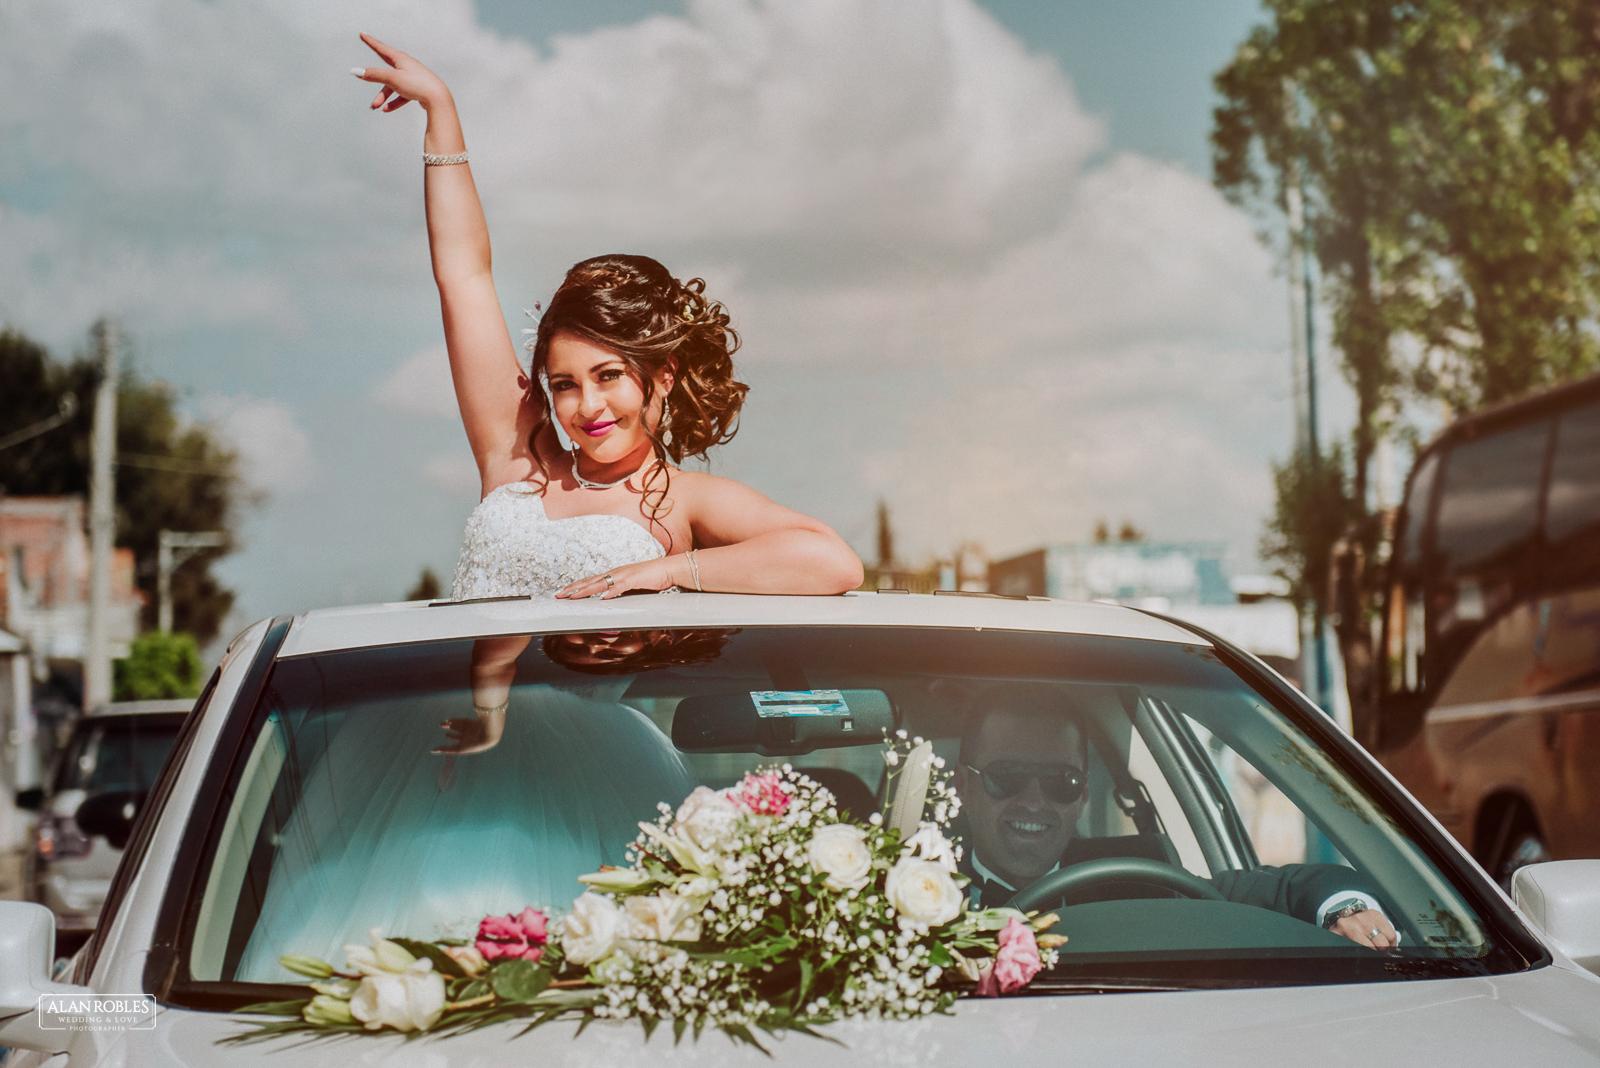 Fotografo de bodas Alan Robles-Michoacan-45